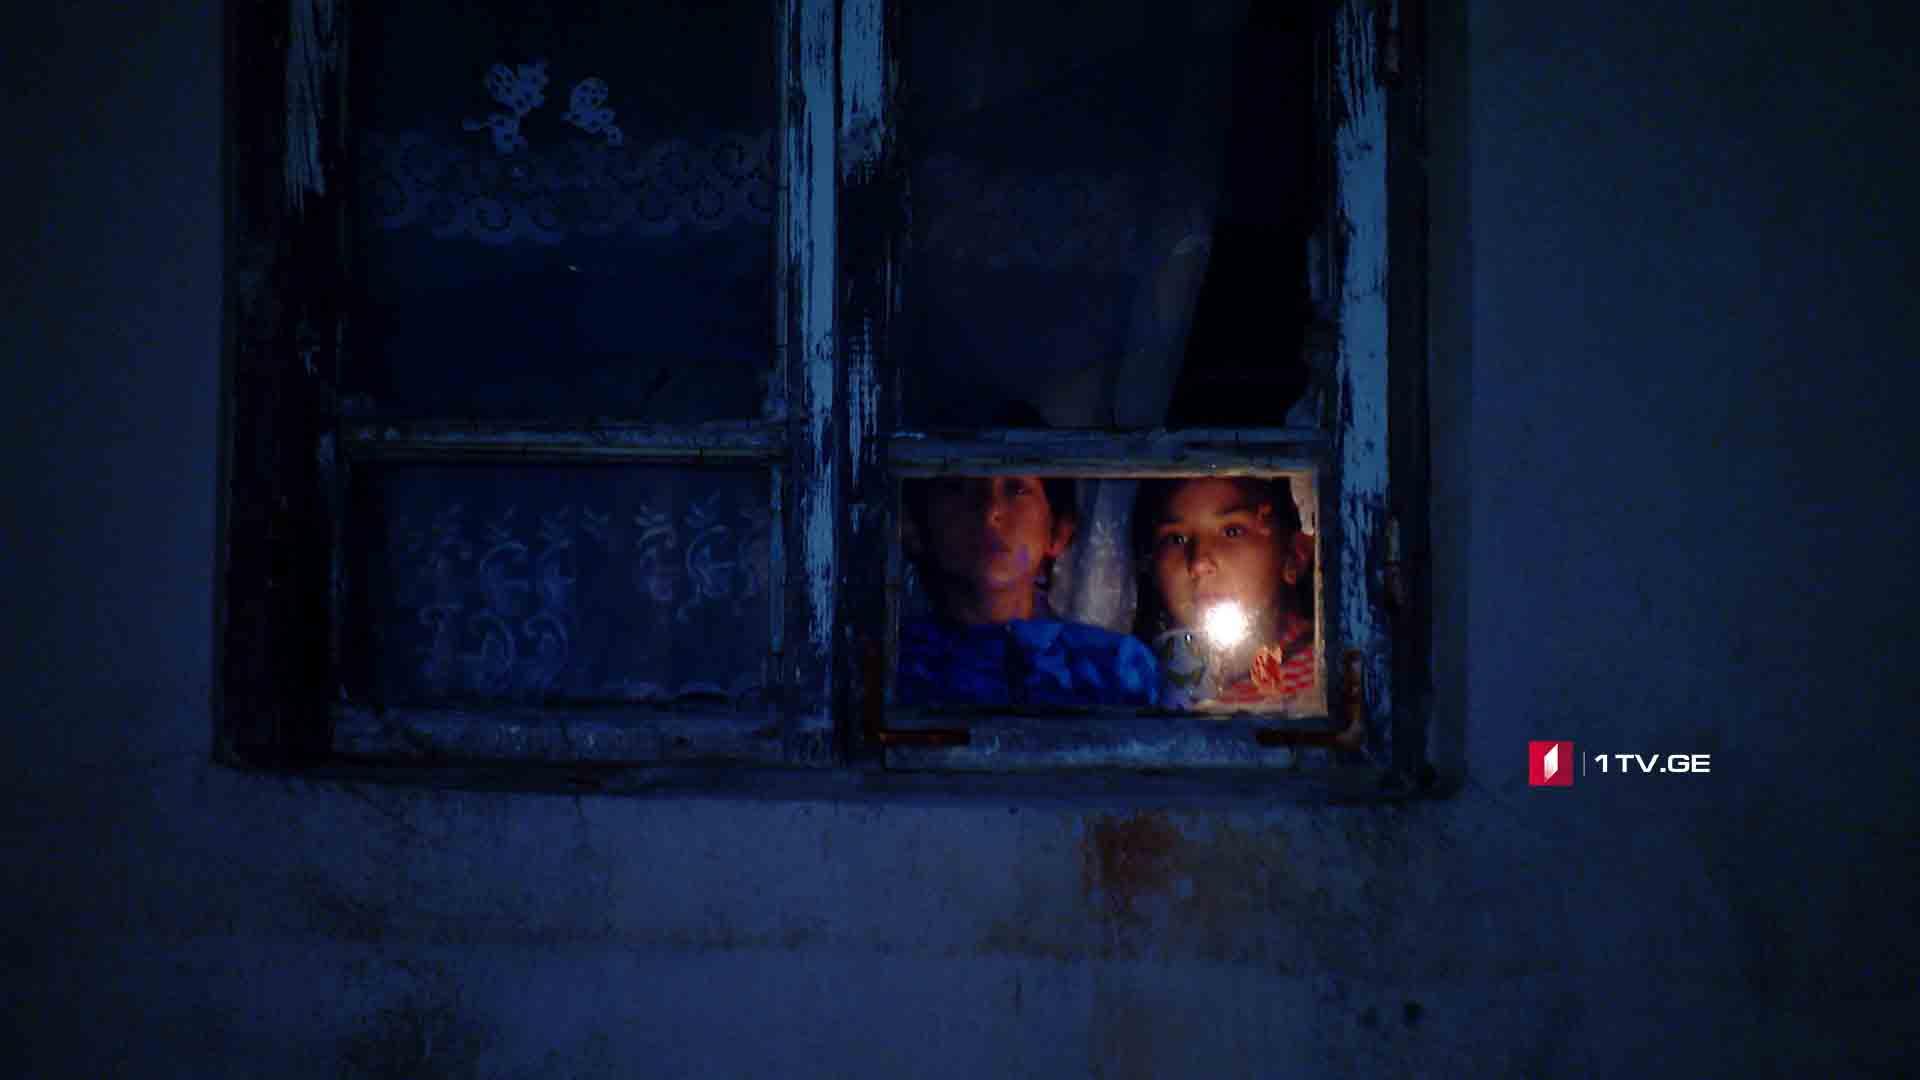 სანთლის შუქზე გაზრდილი ბავშვები